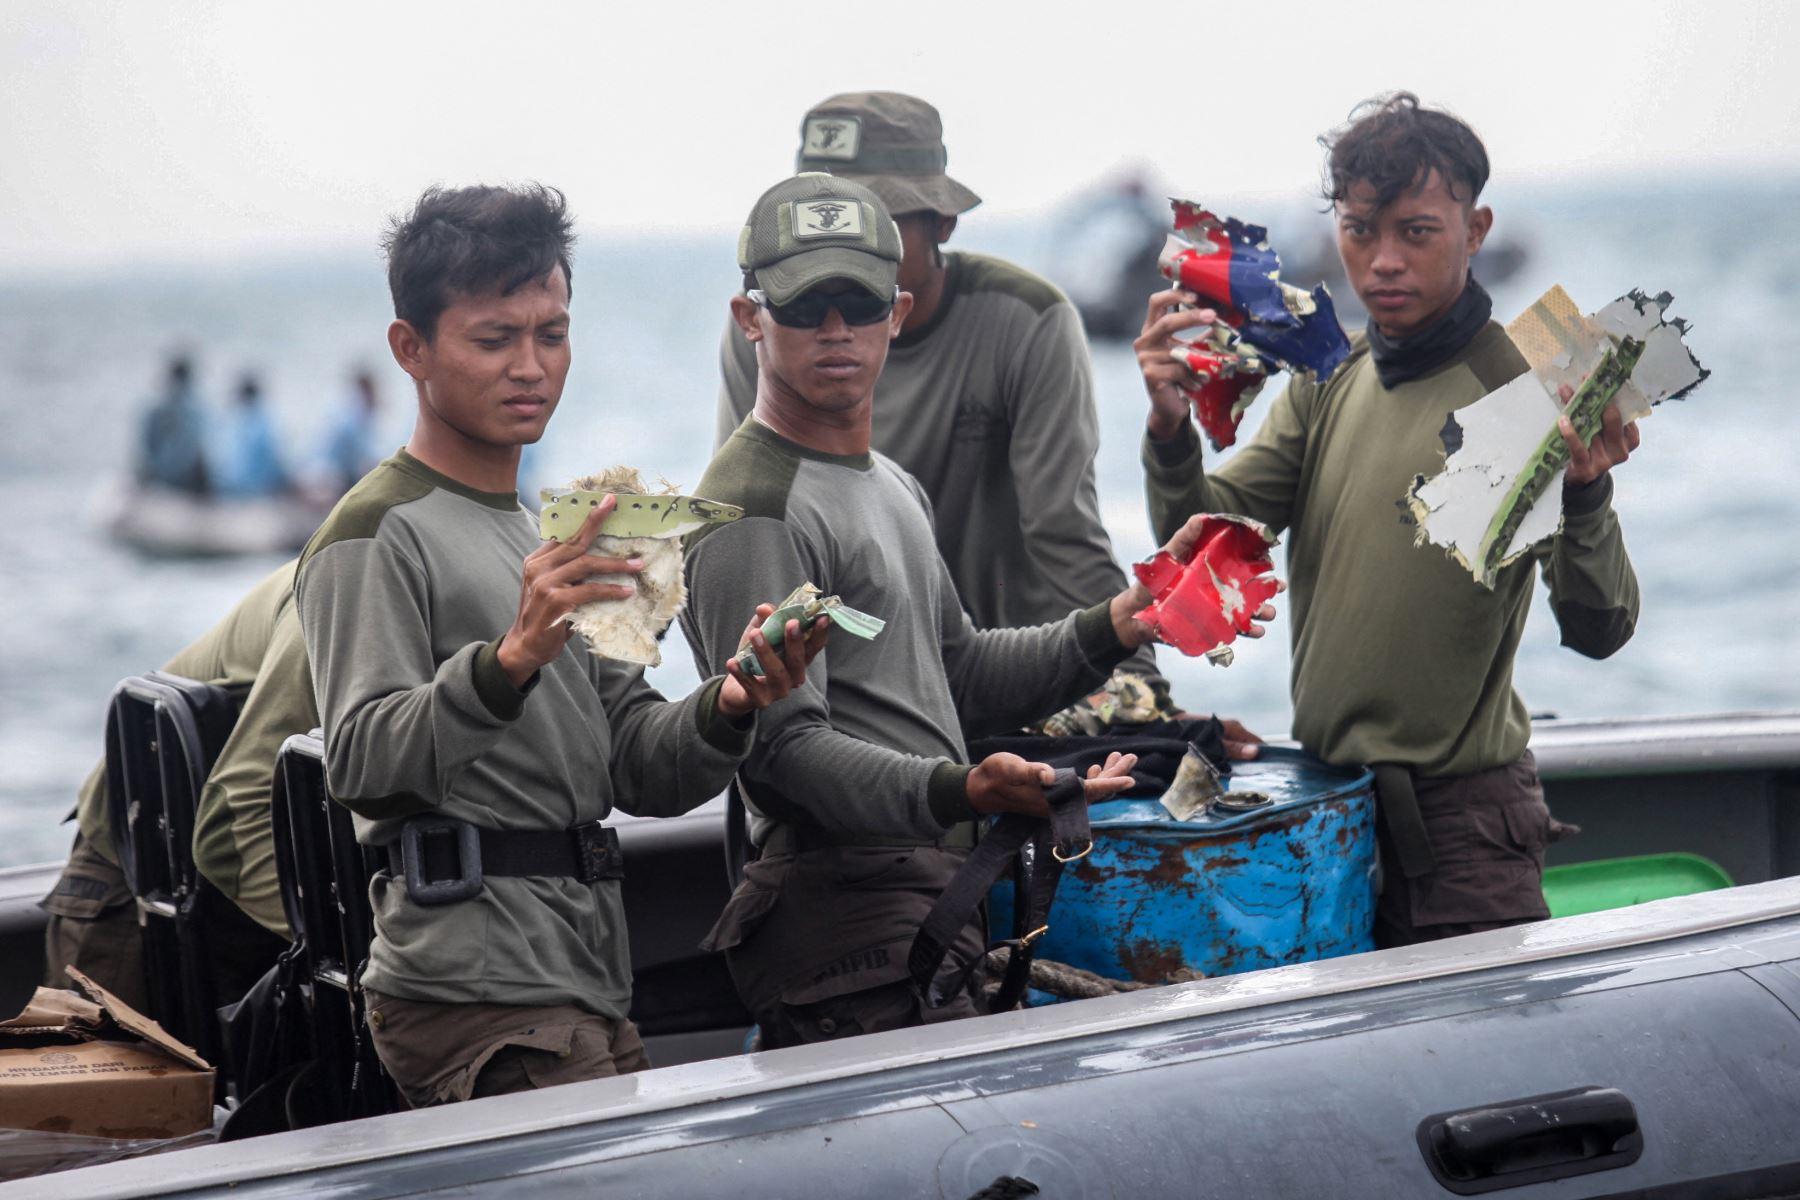 Buzos de la Armada de Indonesia muestran piezas de escombros recuperados frente a la costa norte de Yakarta. Foto: AFP